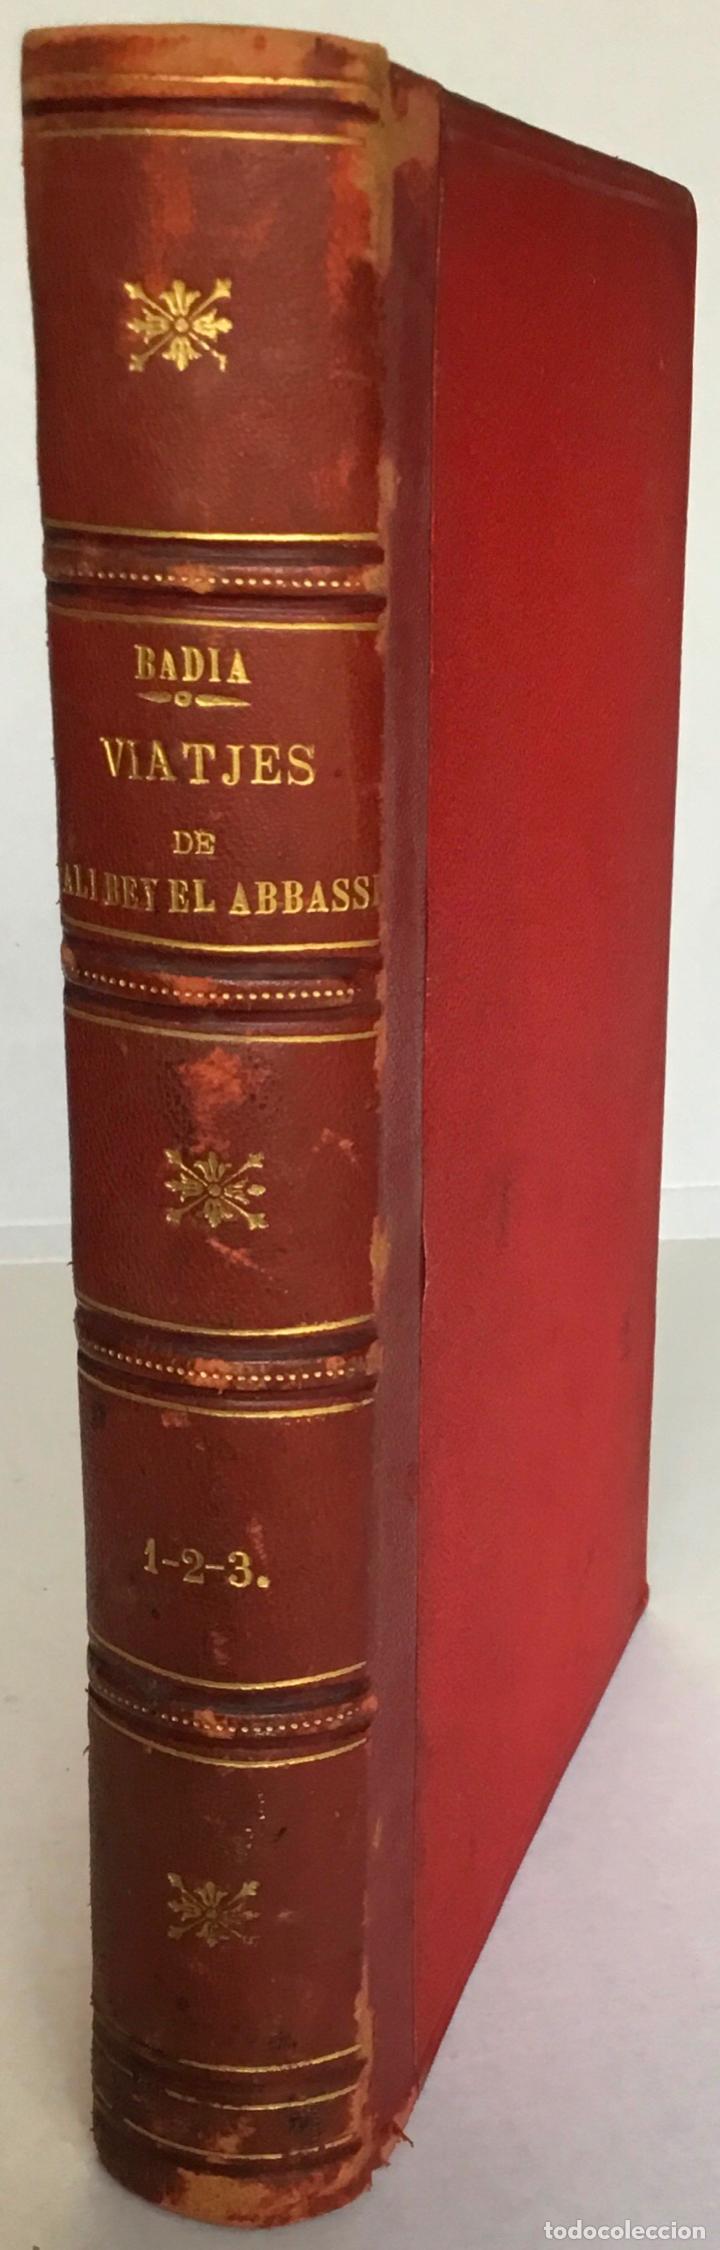 VIATJES DE ALI BEY EL ABBASSI (DOMINGO BADIA Y LEBLICH). PER ÁFRICA Y ASSIA, DURANT LOS ANYS 1803, (Libros Antiguos, Raros y Curiosos - Geografía y Viajes)